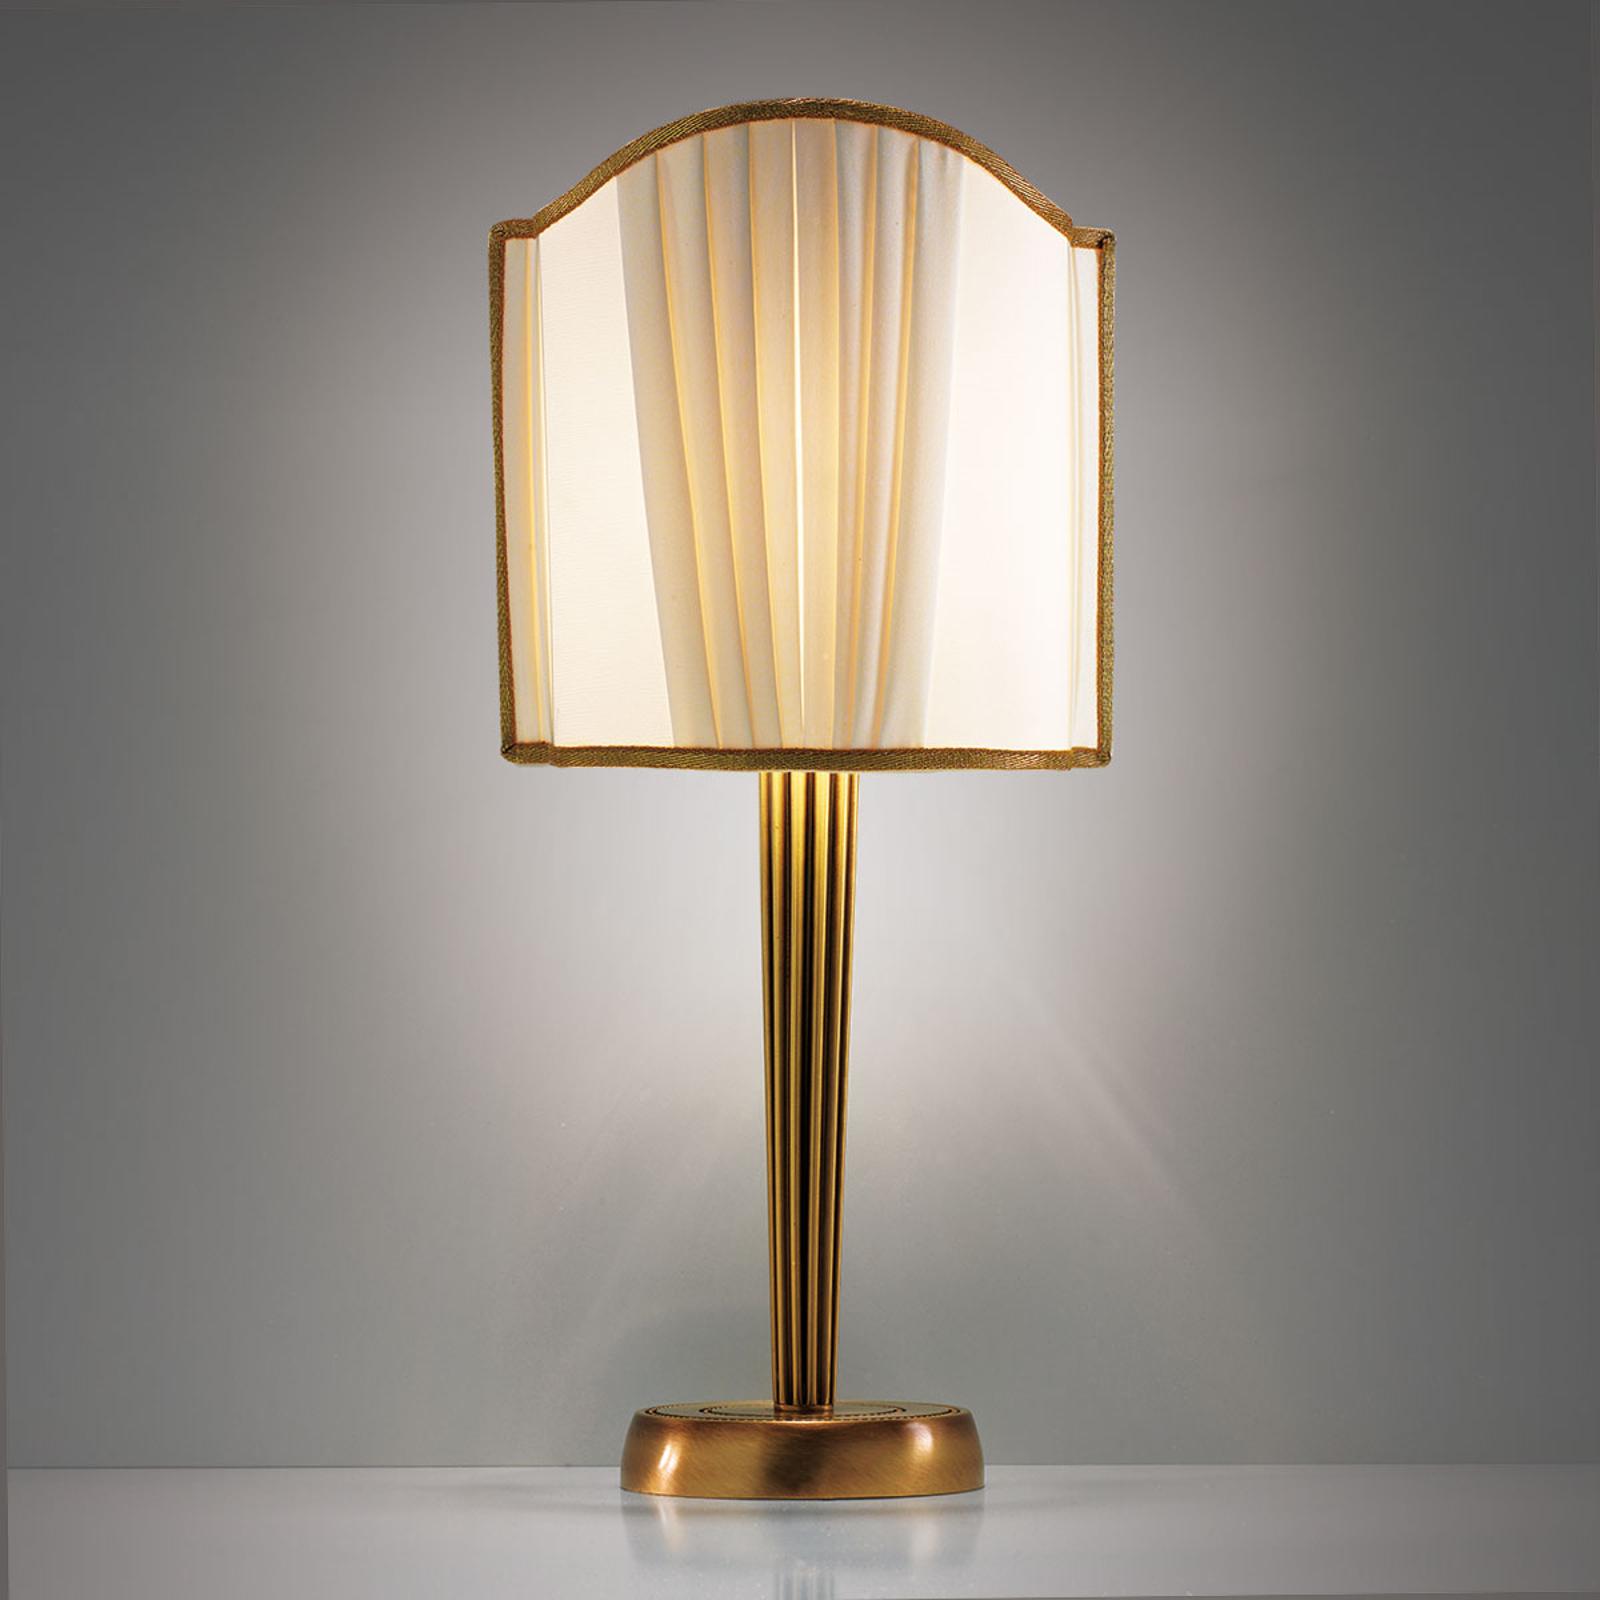 Mooie tafellamp Belle Epoque